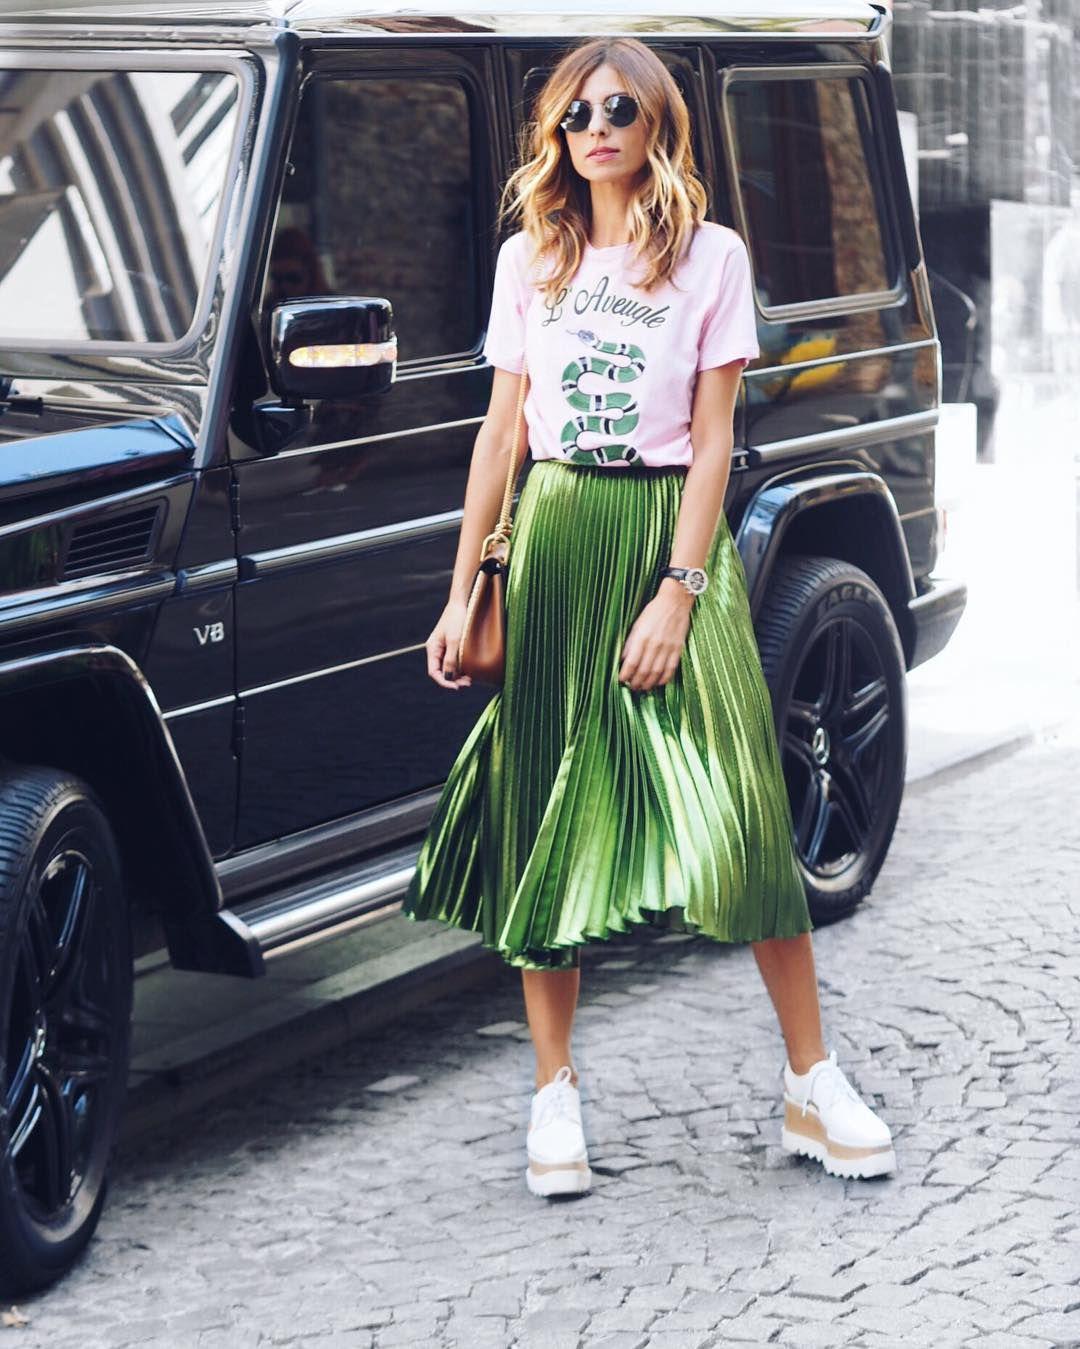 Áo thun trắng kết hợp cùng chân váy xanh